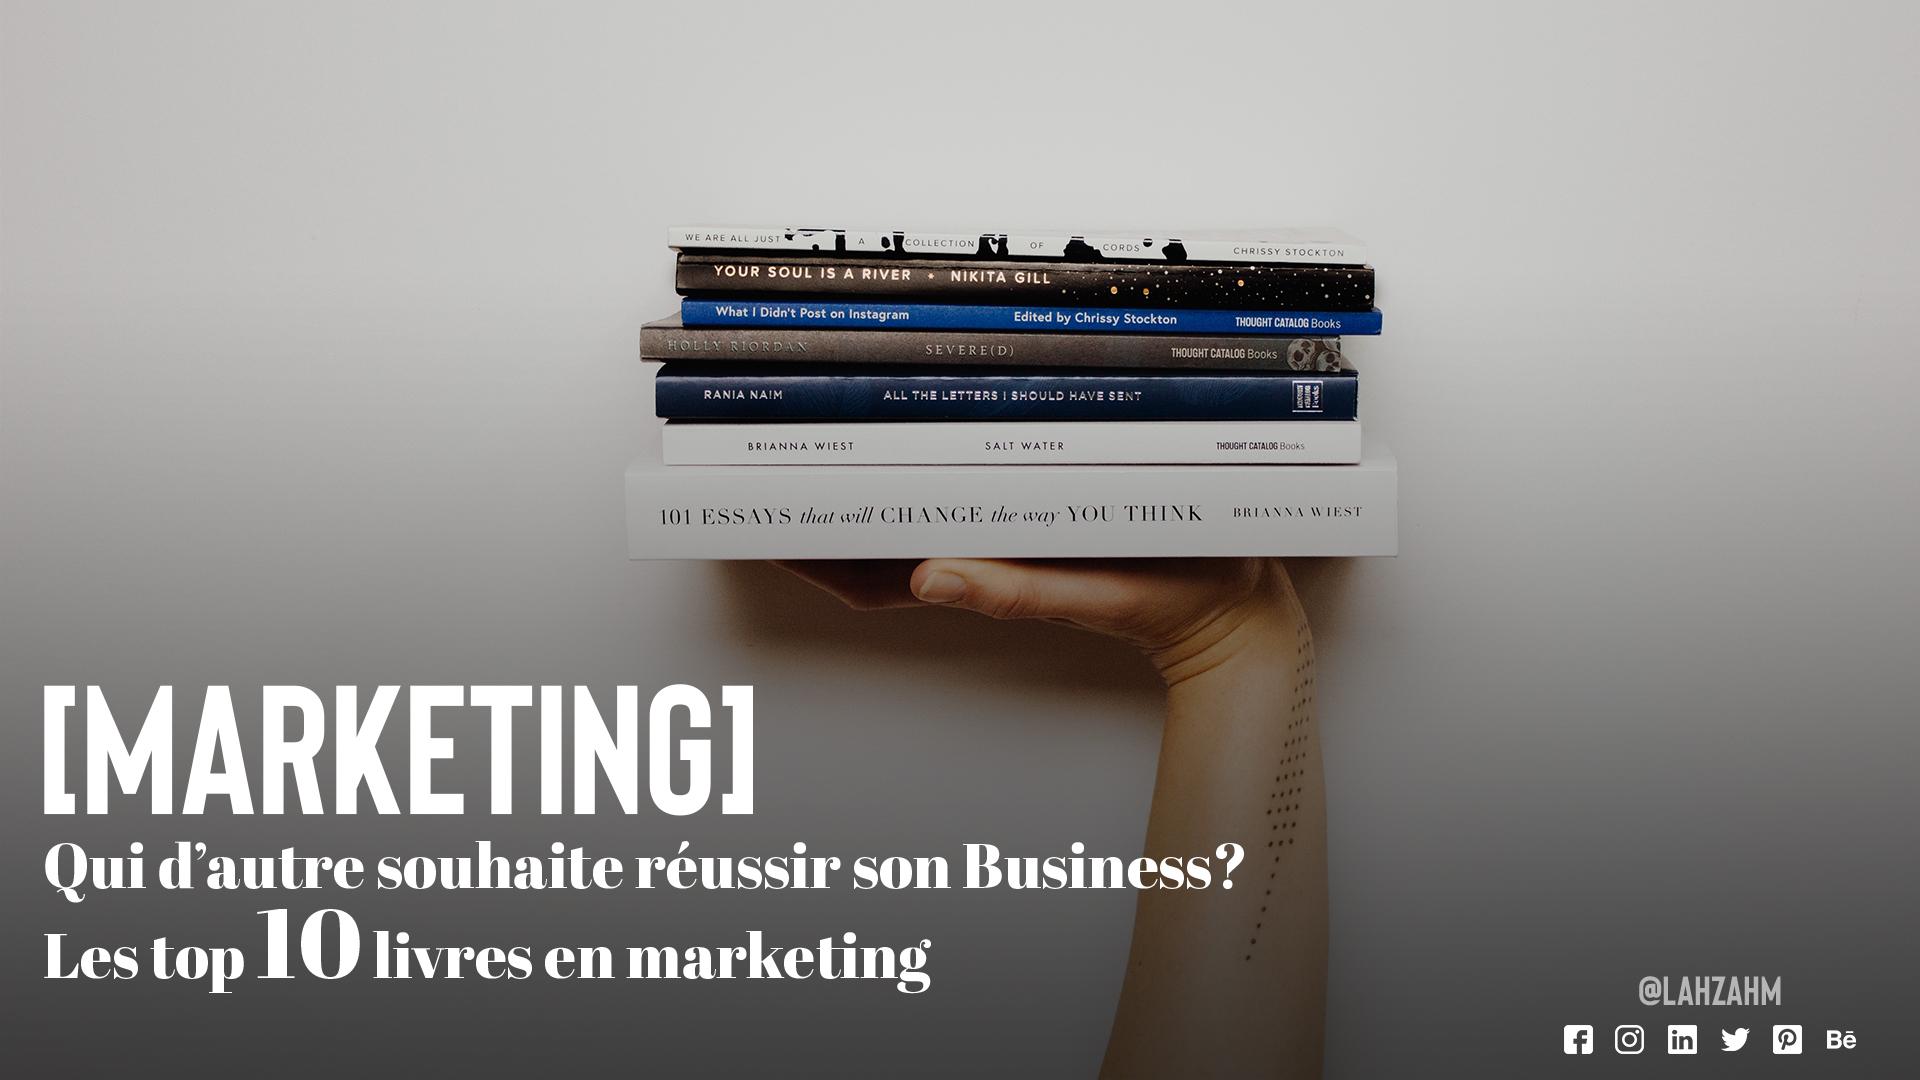 Qui d'autres souhaite réussir son Business ? Les top 10 livres en marketing !